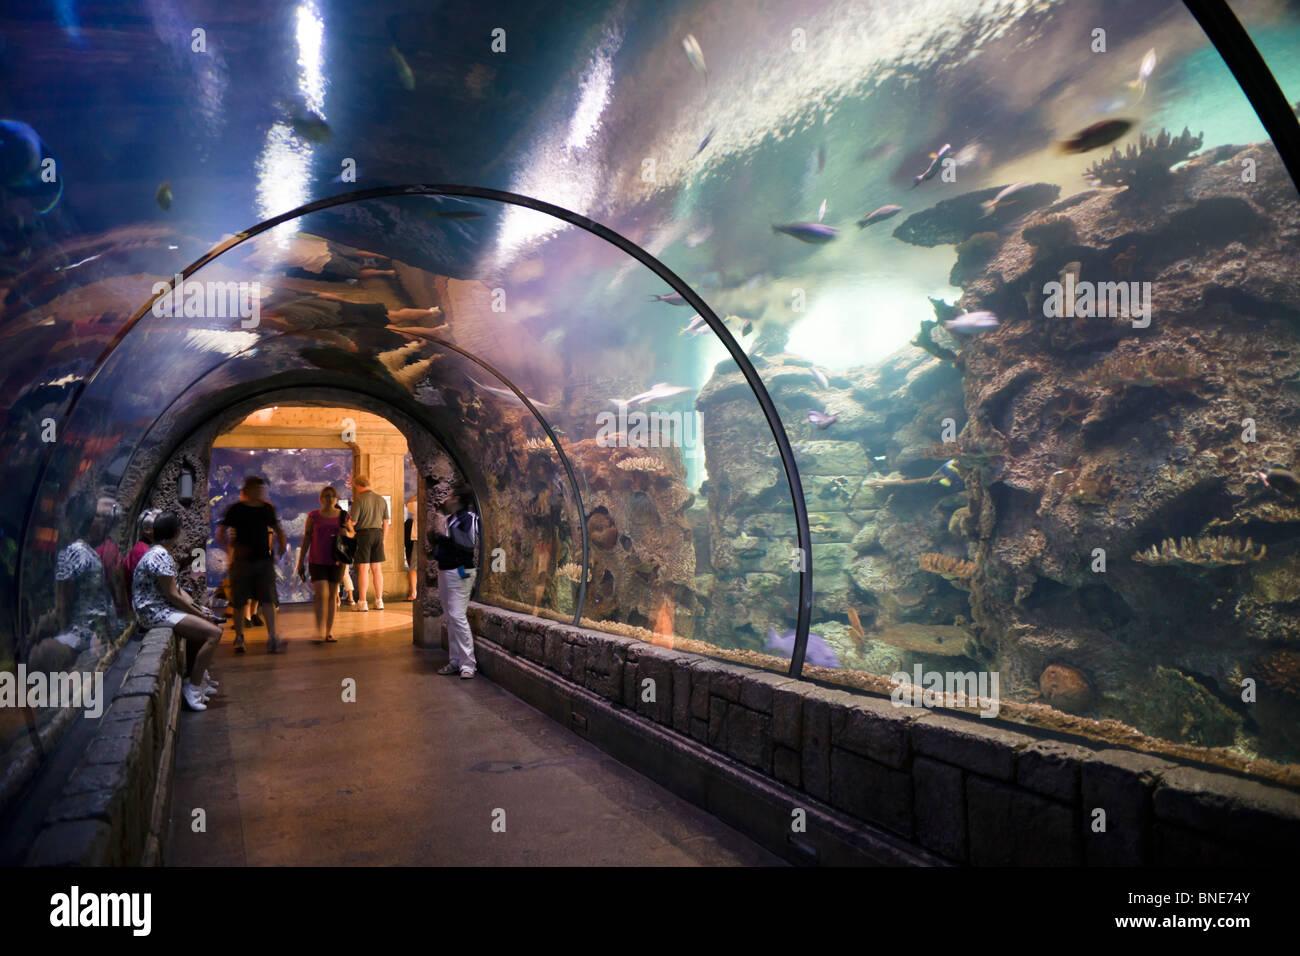 mandalay bay resort stock photos mandalay bay resort stock images